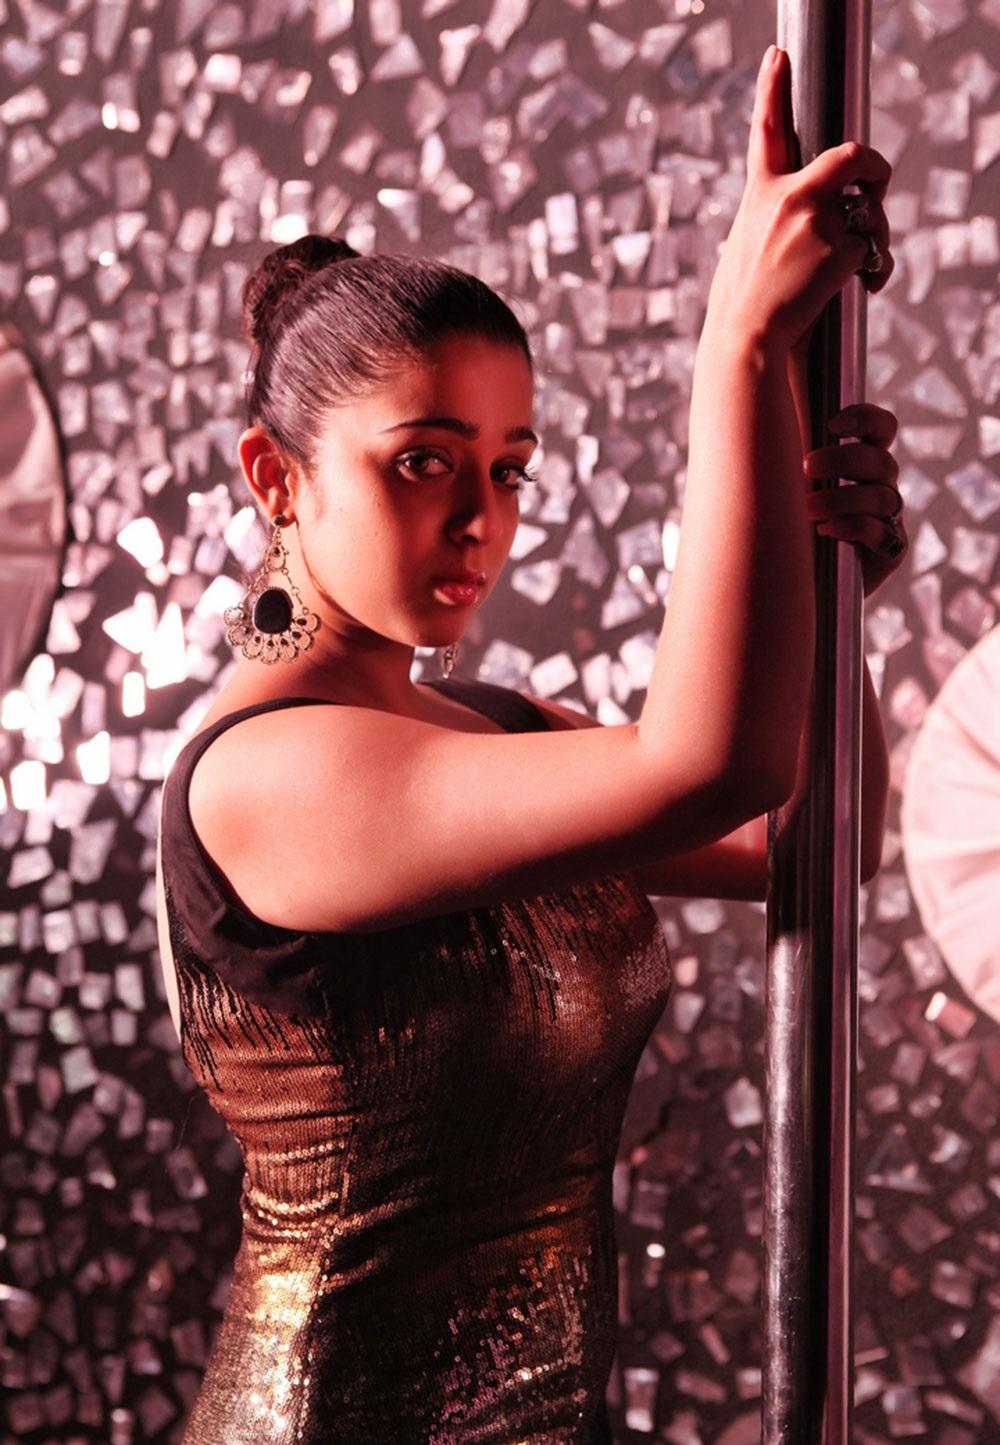 Charmi latest pics from pom